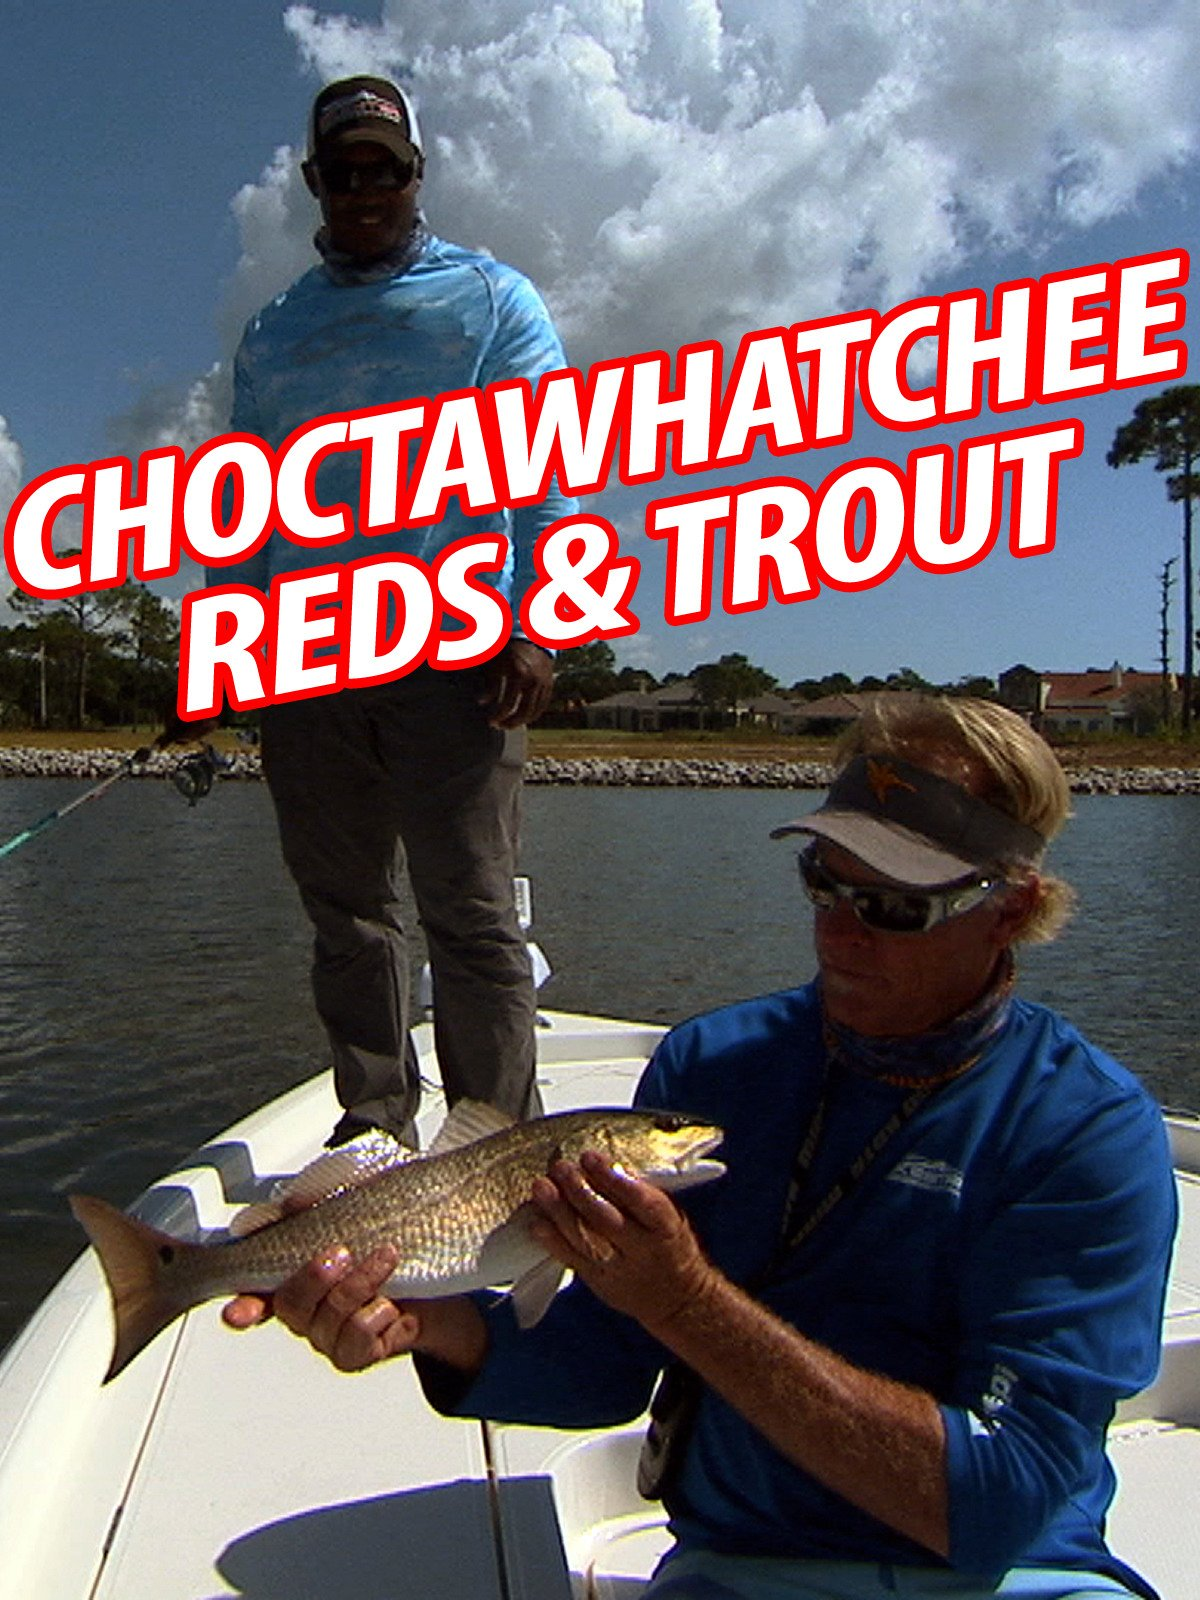 Clip: Choctawhatchee